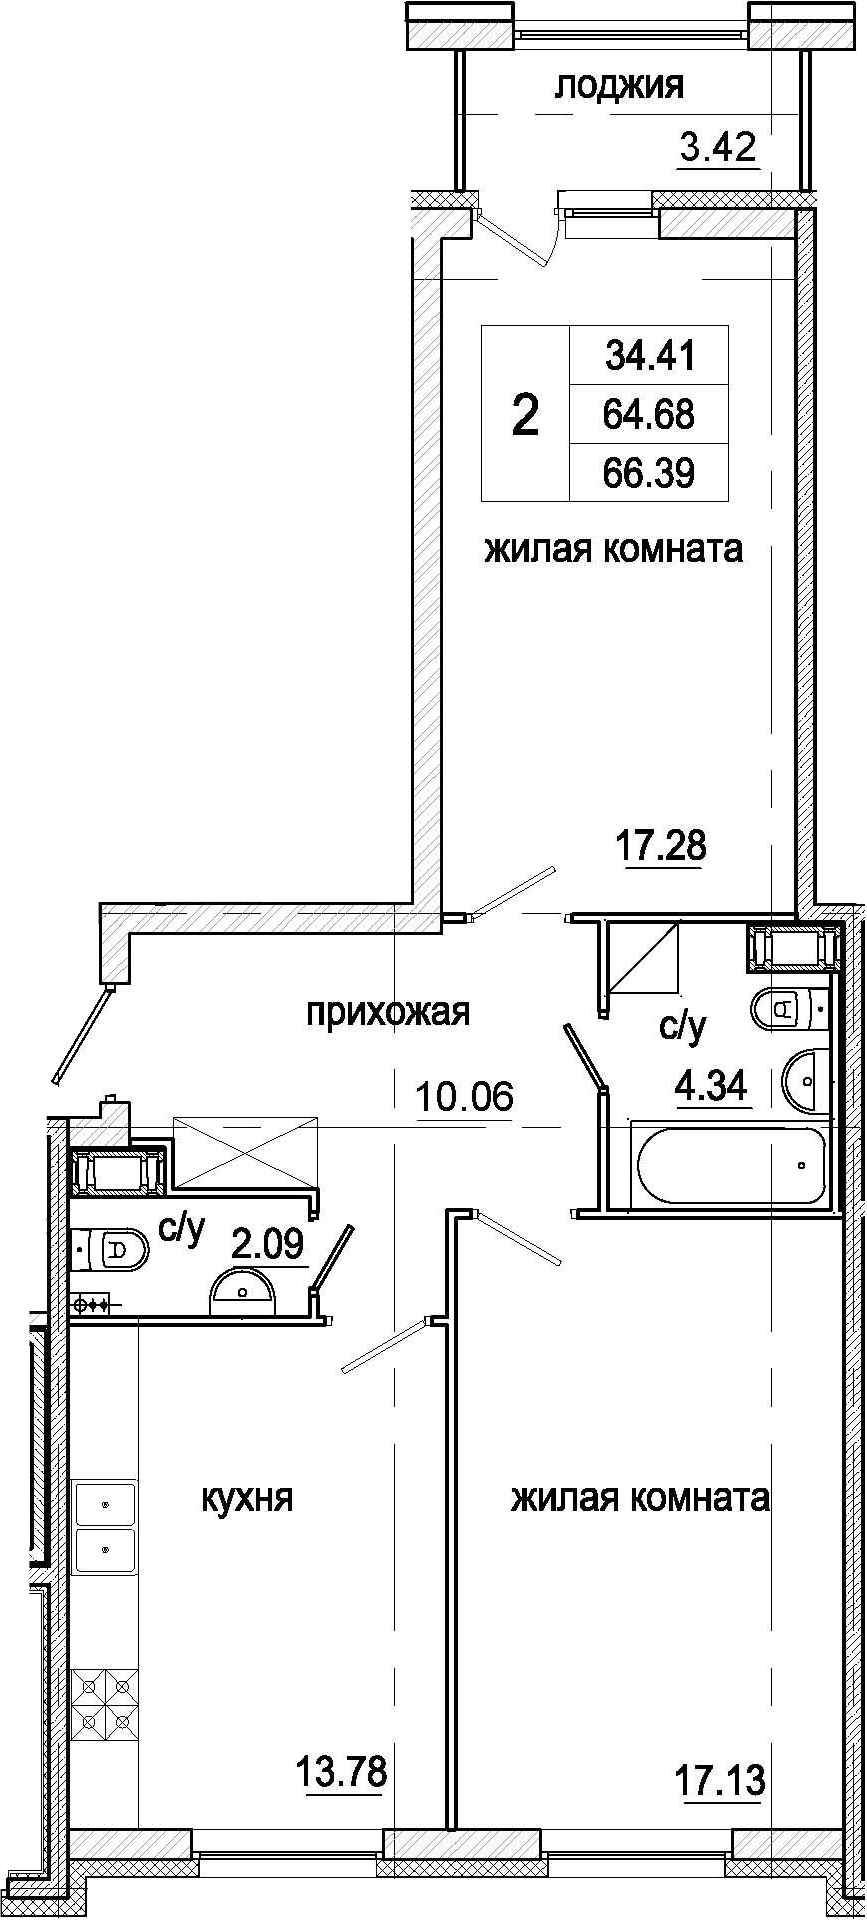 2-к.кв, 66.39 м²